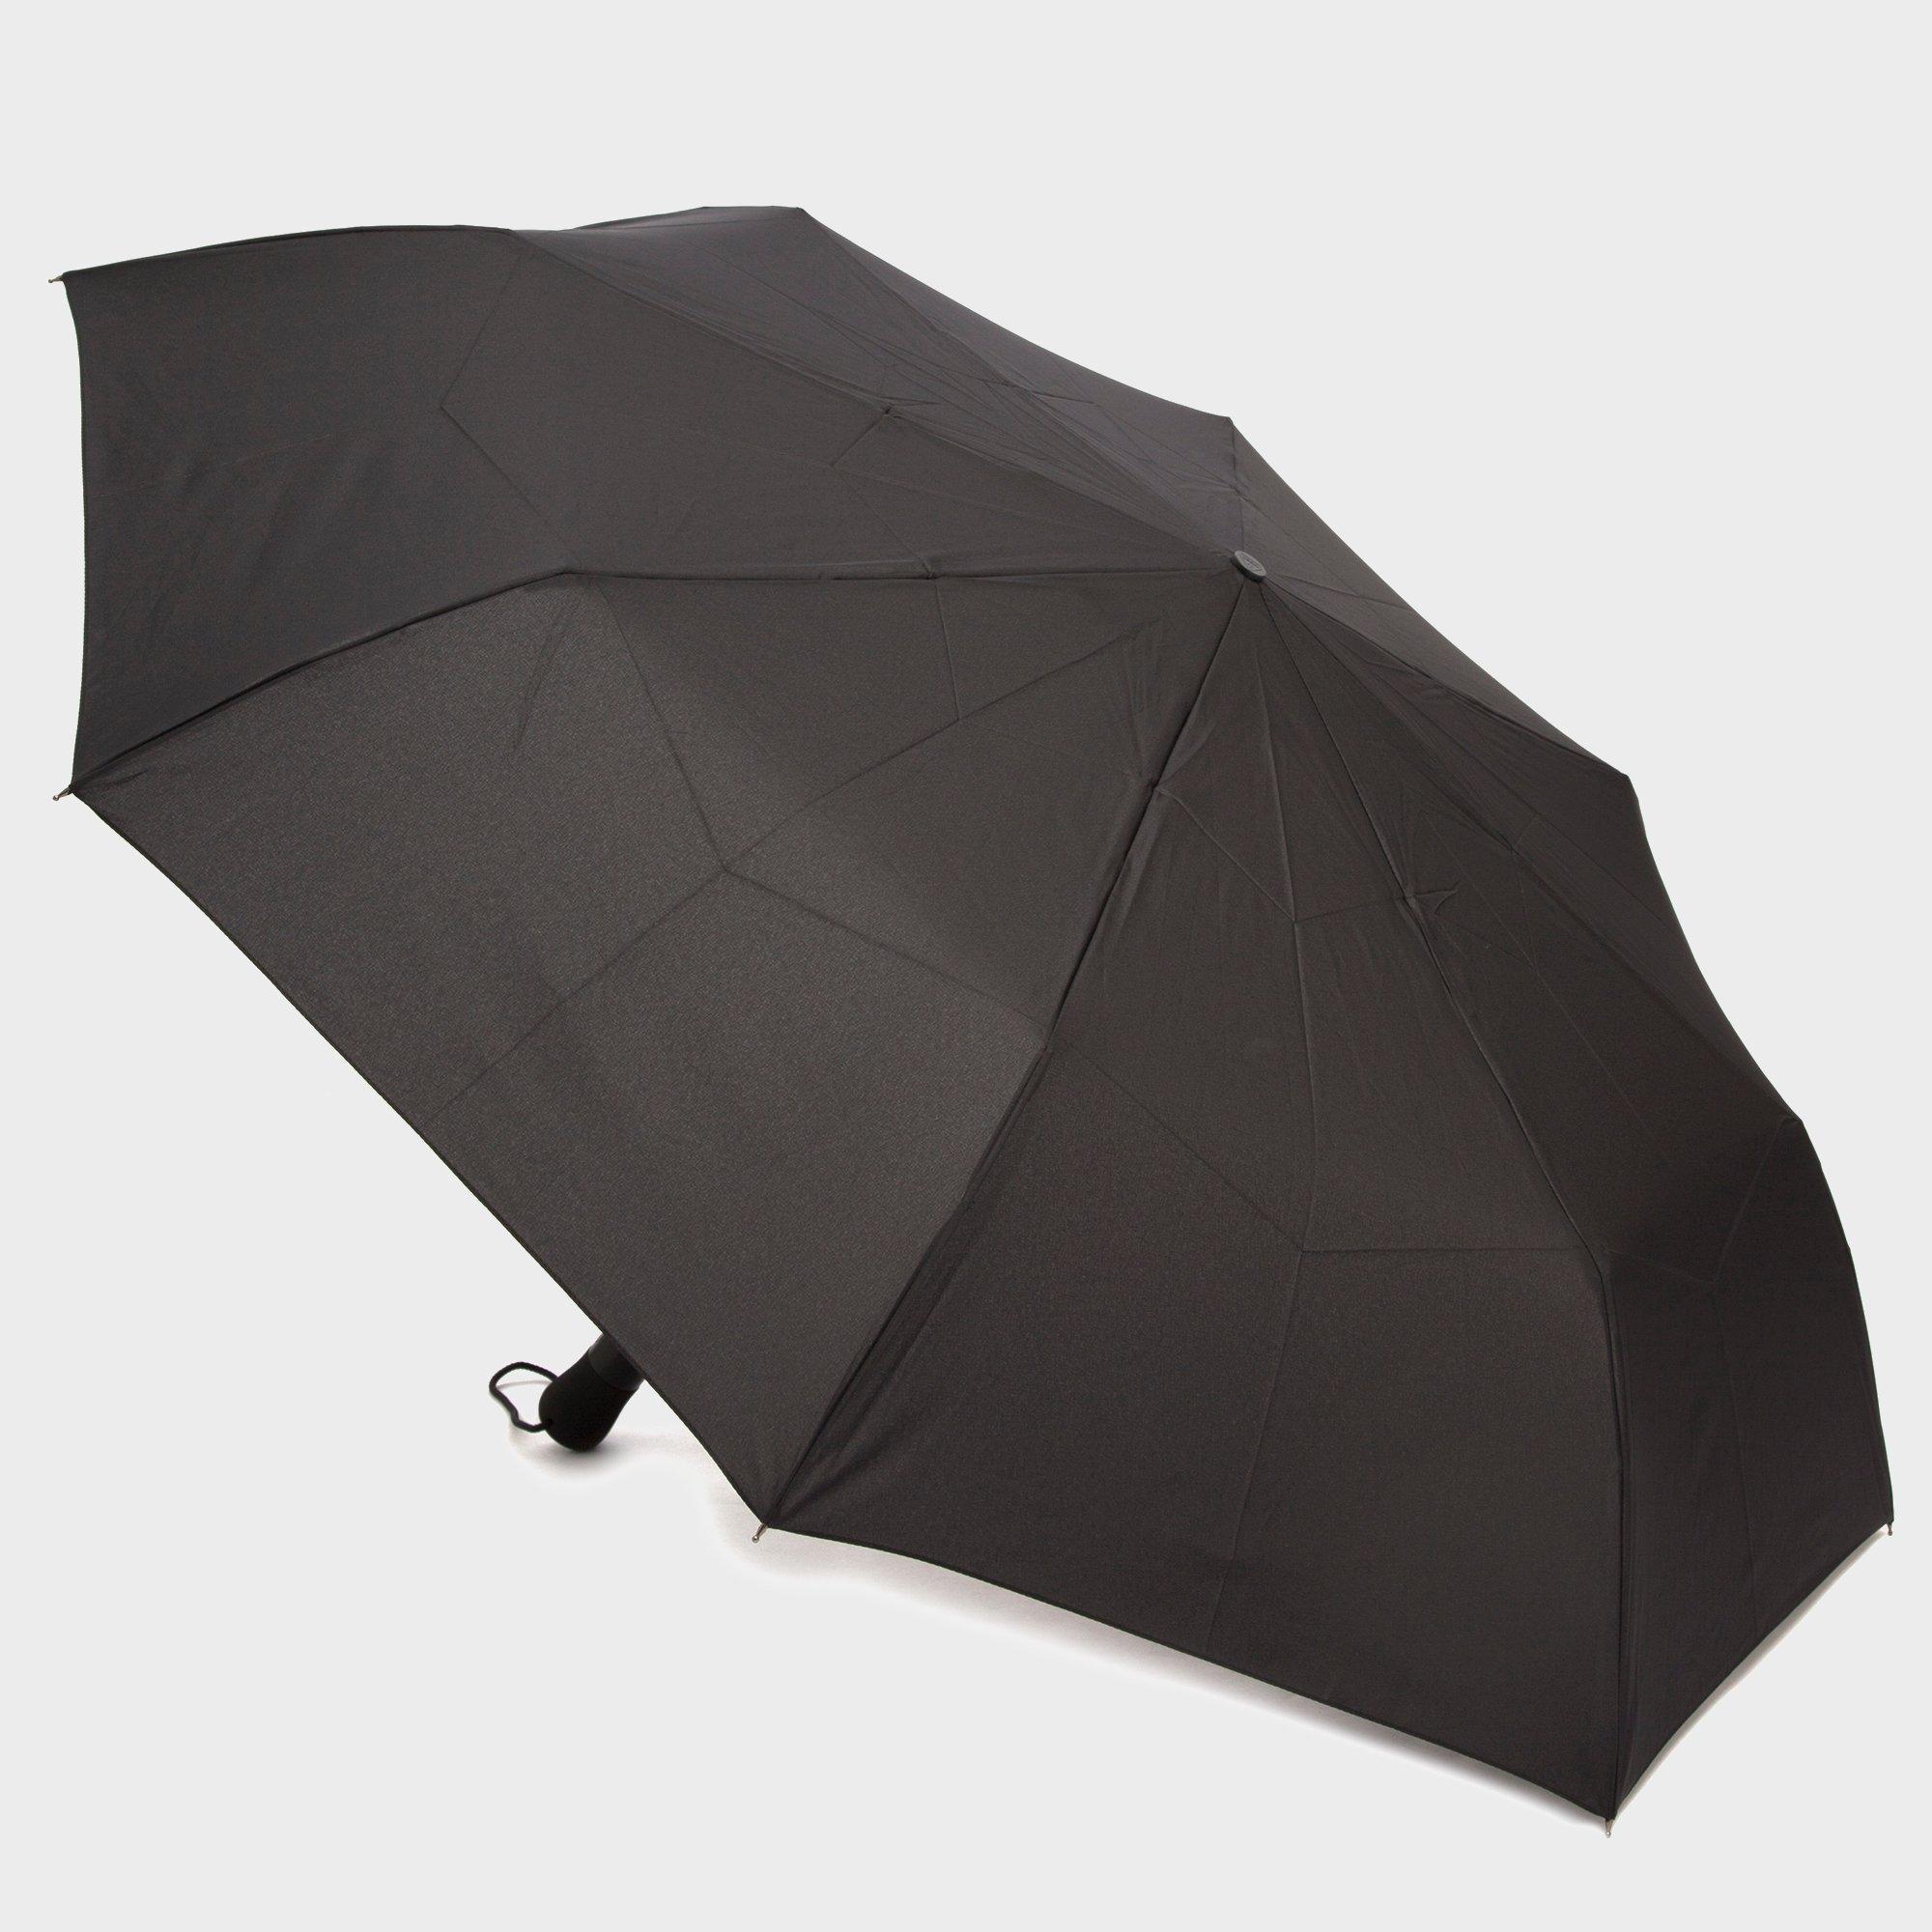 Fulton Fulton Jumbo Umbrella - Black, Black